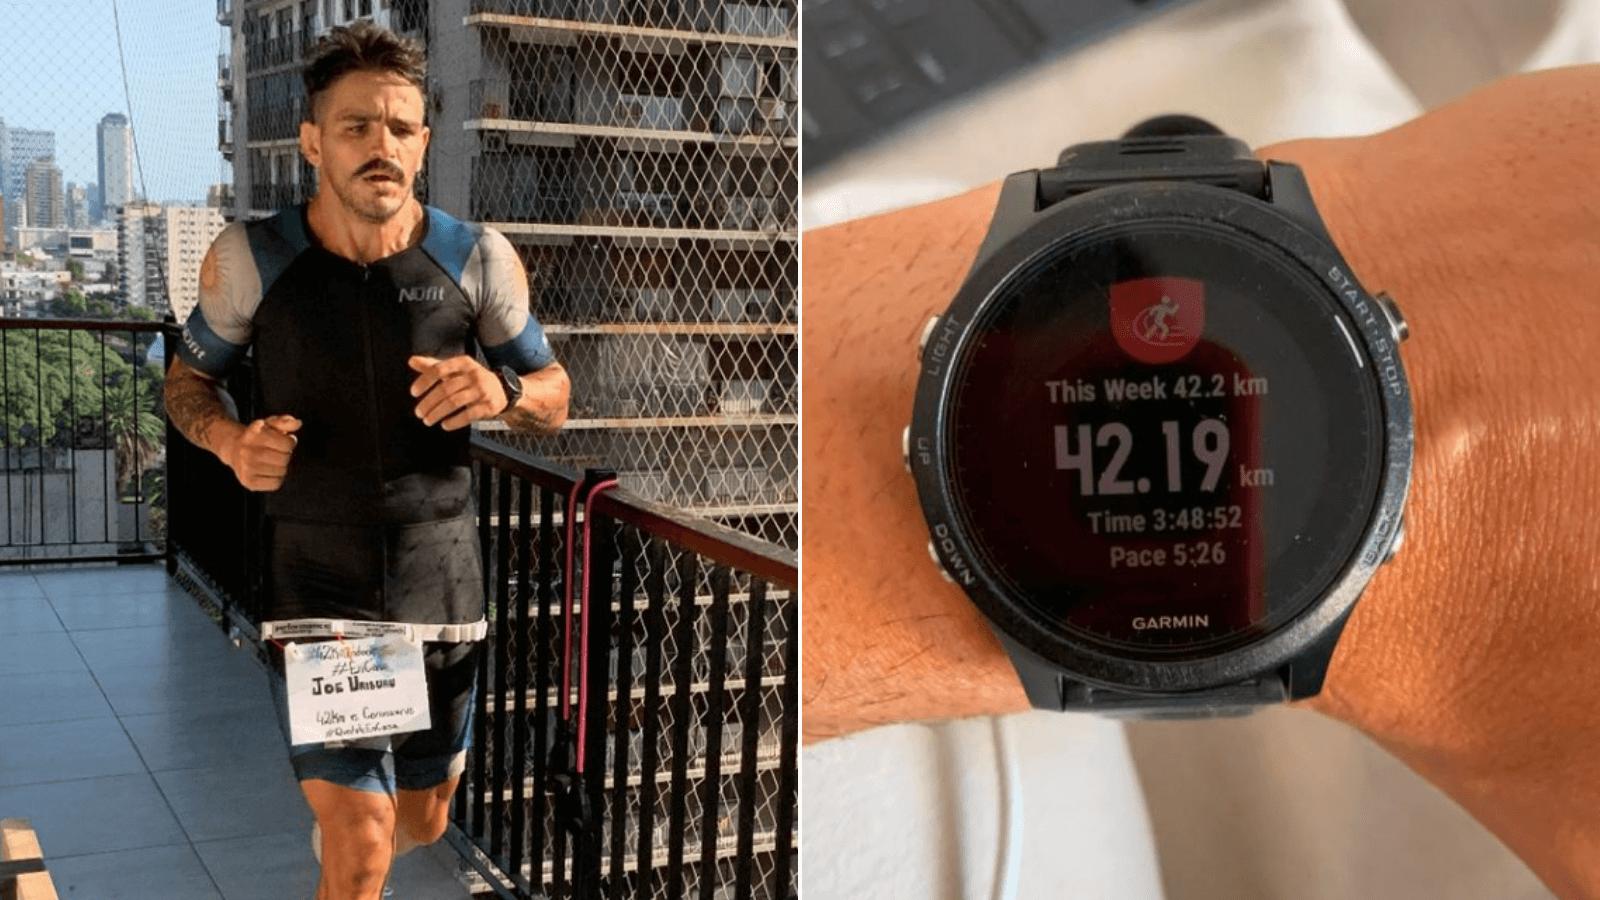 Insólito Un atleta argentino corrió una maratón de 42 km dando 1.600 vueltas en su departamento 1